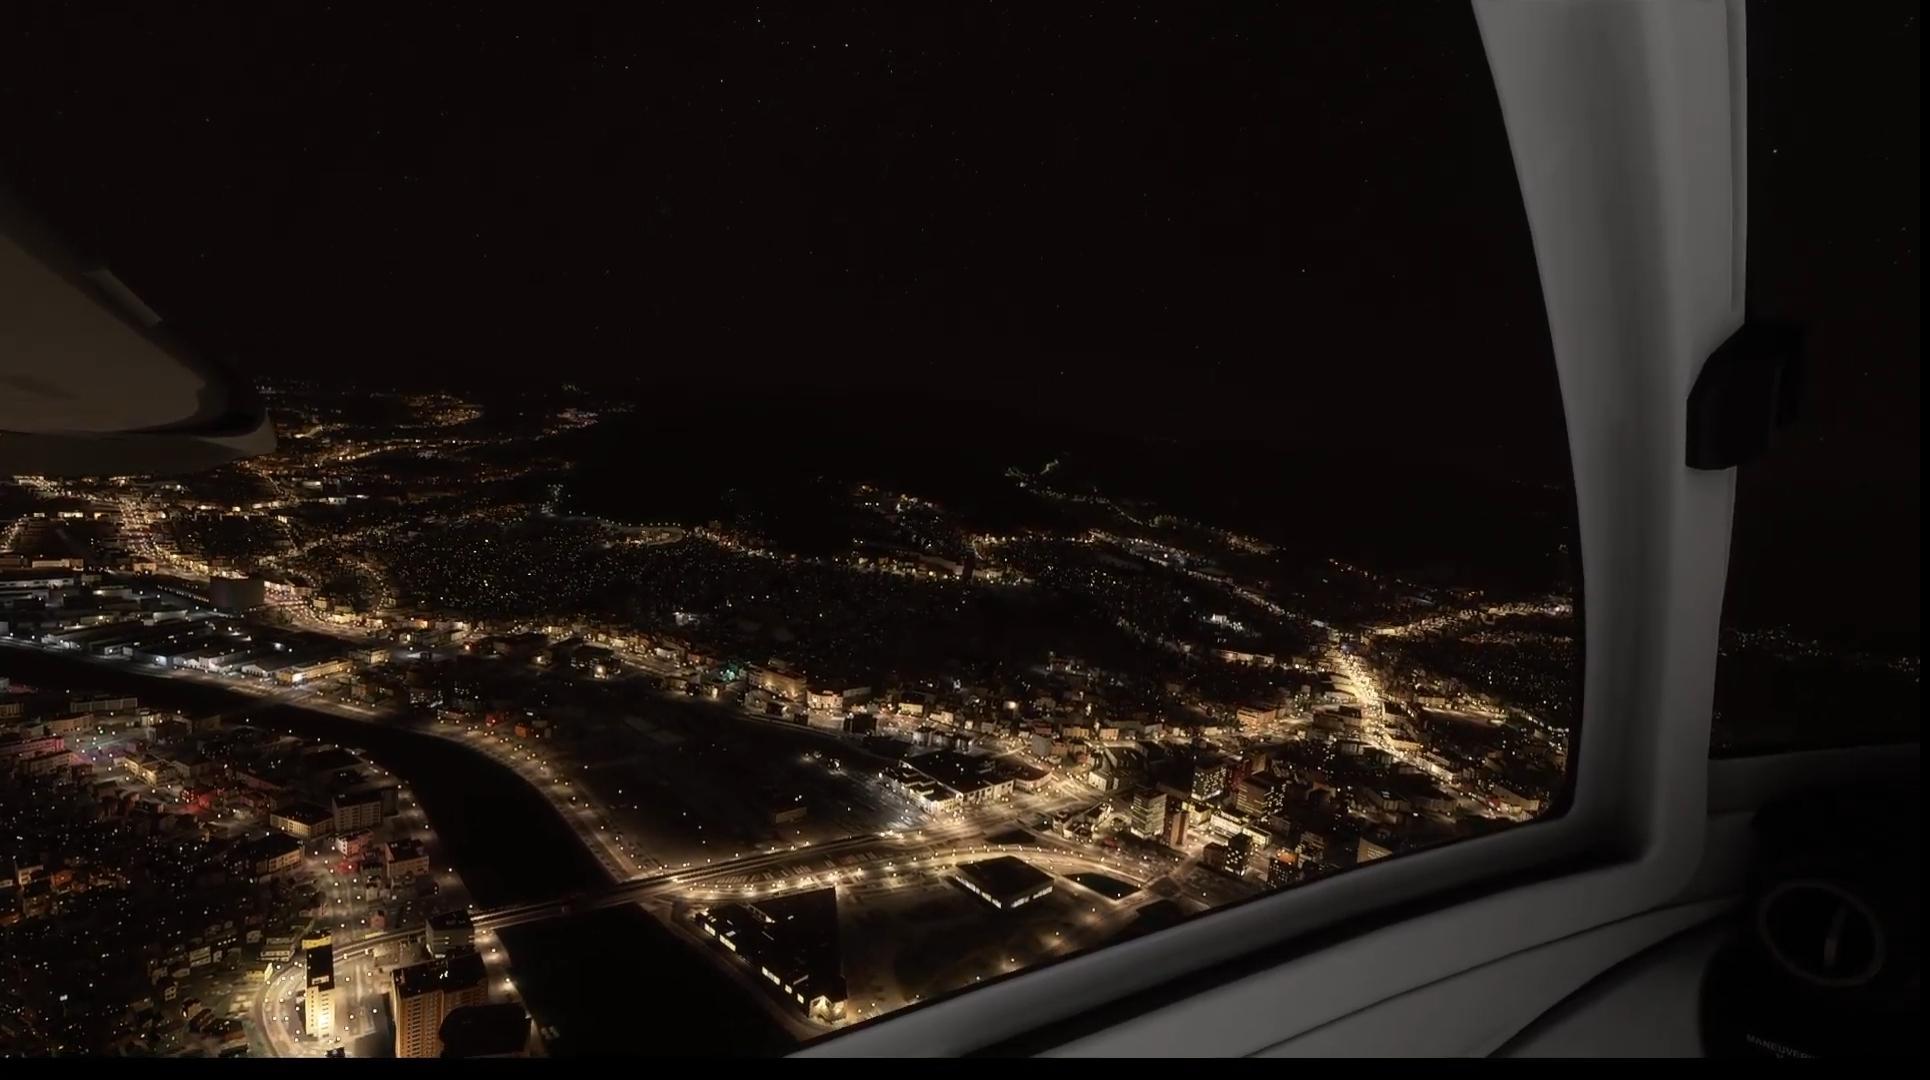 5 25 - 【動画あり】完全に実写な次世代ゲーム「Microsoft Flight Simulator」本日発売!! これがゲームとはマジで信じられないレベル